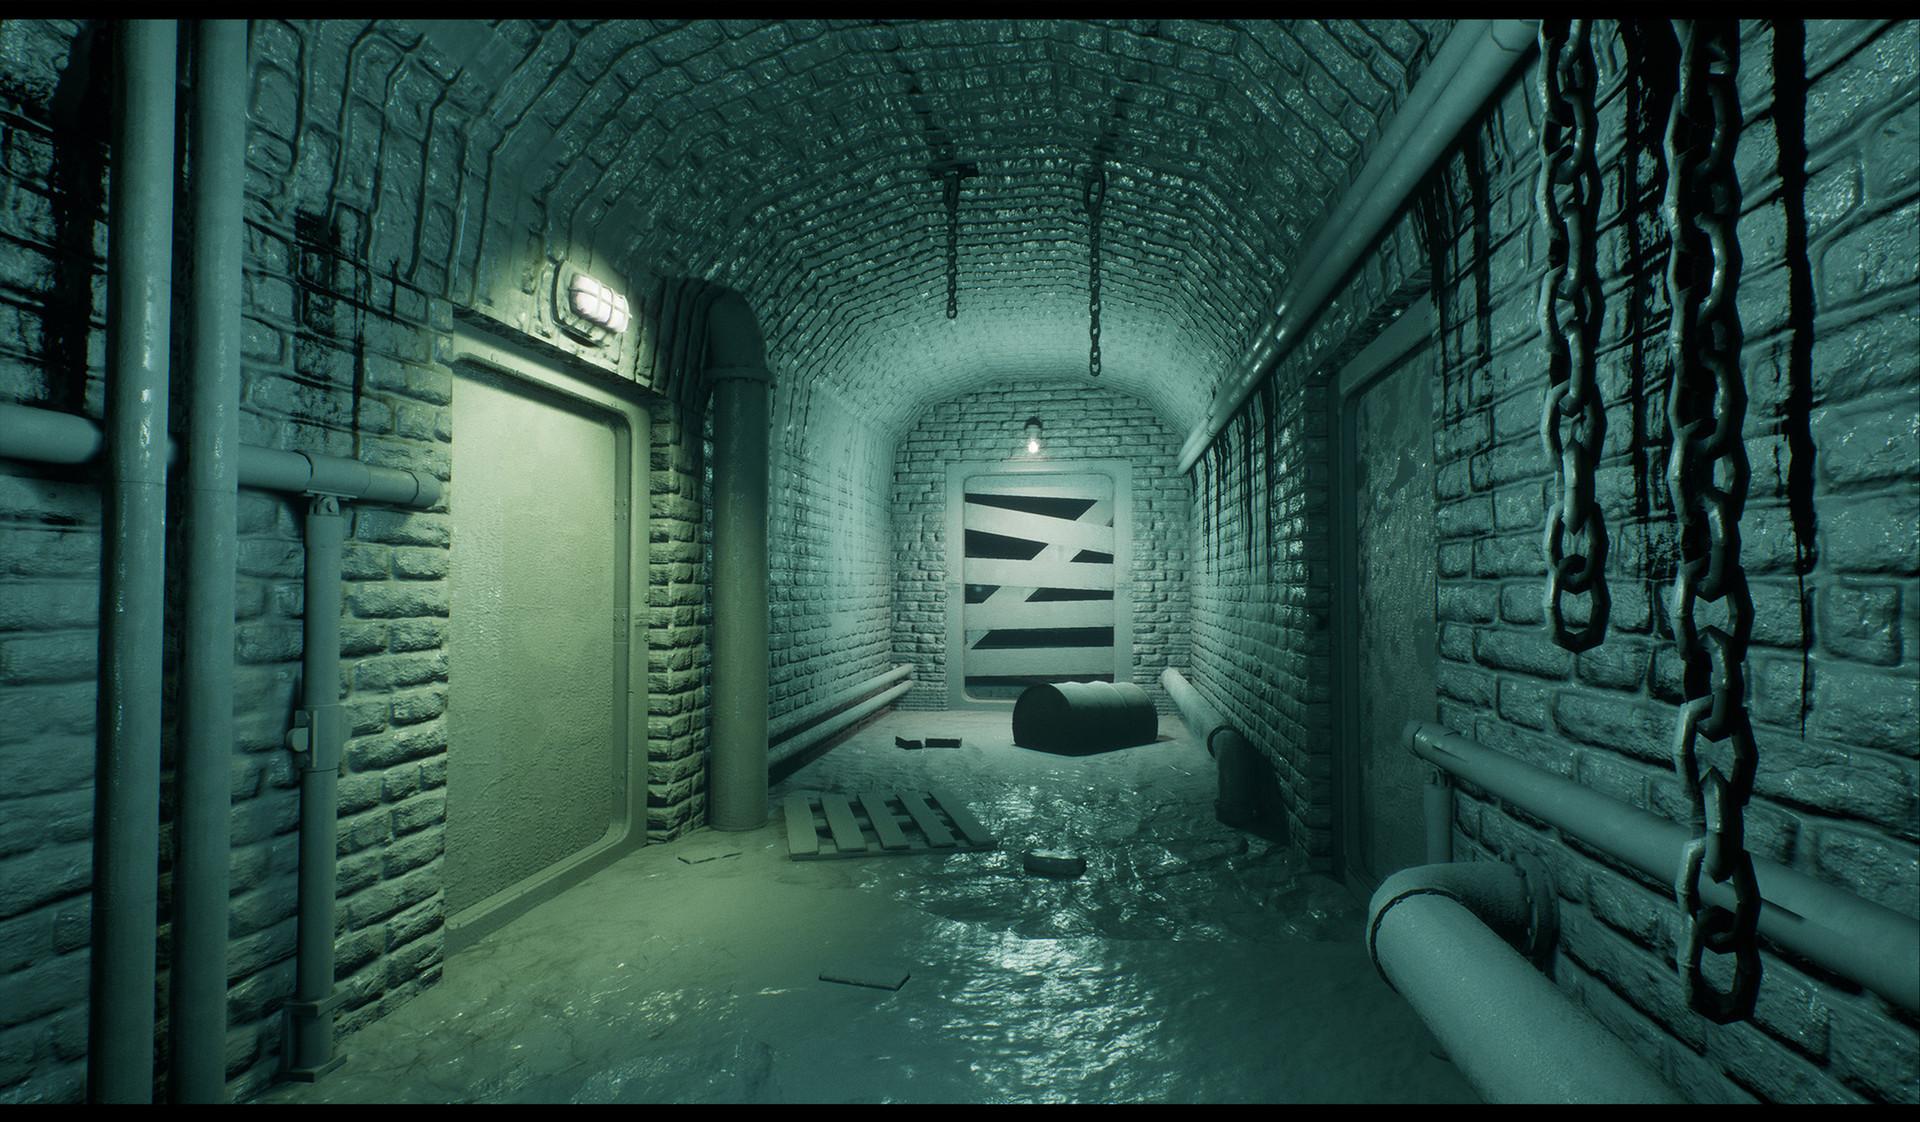 Saman kazemi dark sewage d